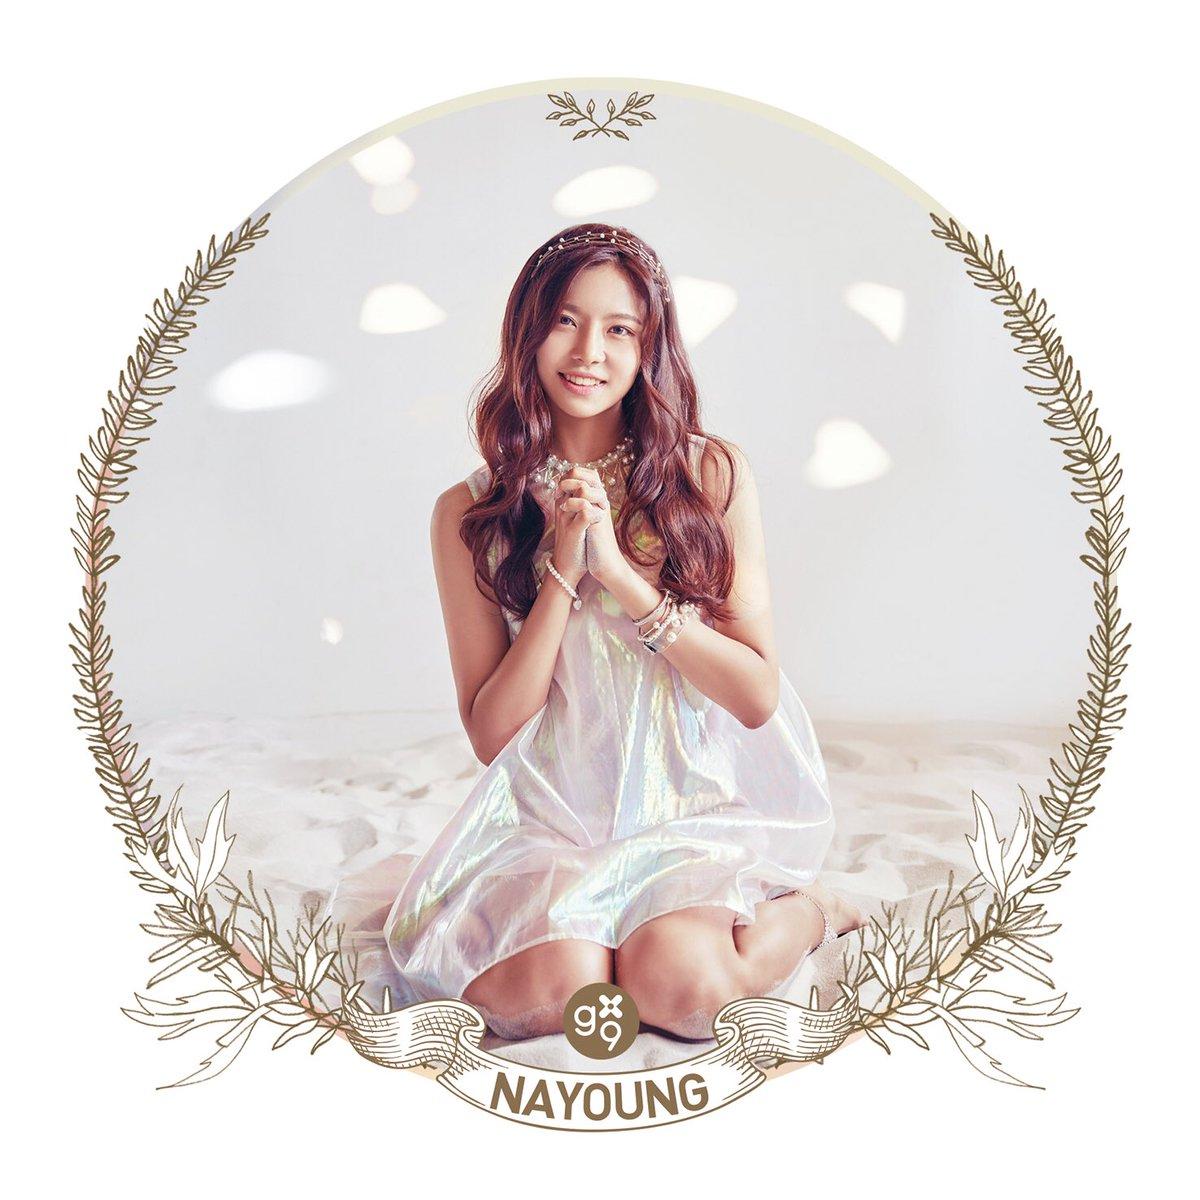 [젤리피쉬] Welcome to Jellyfish! 젤리피쉬의 새가족 9명의 소녀를 소개합니다. 오늘의 두번째 소녀는 #나영 #젤리피쉬걸그룹 #gx9 #NAYOUNG https://t.co/WF3Aezd8jd